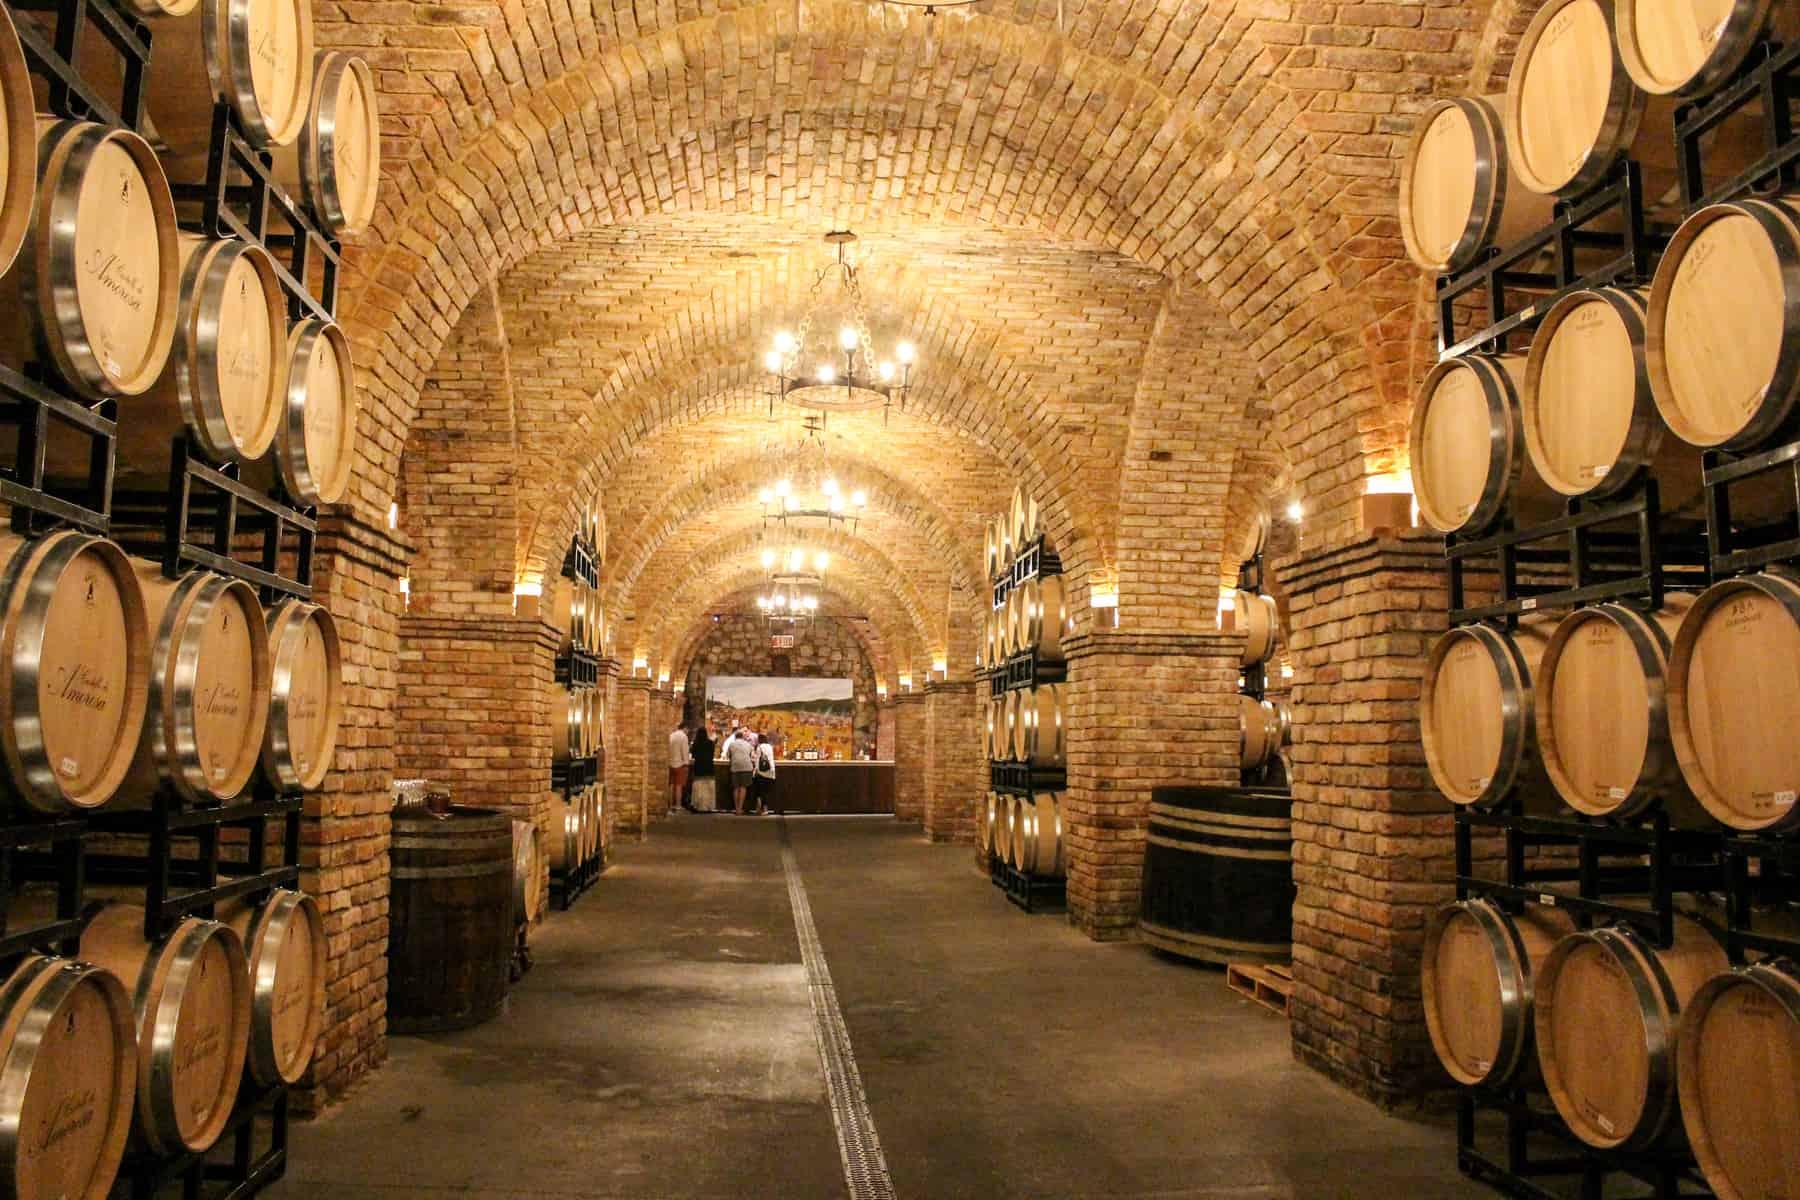 Inside Castle at Castello Di Amorosa